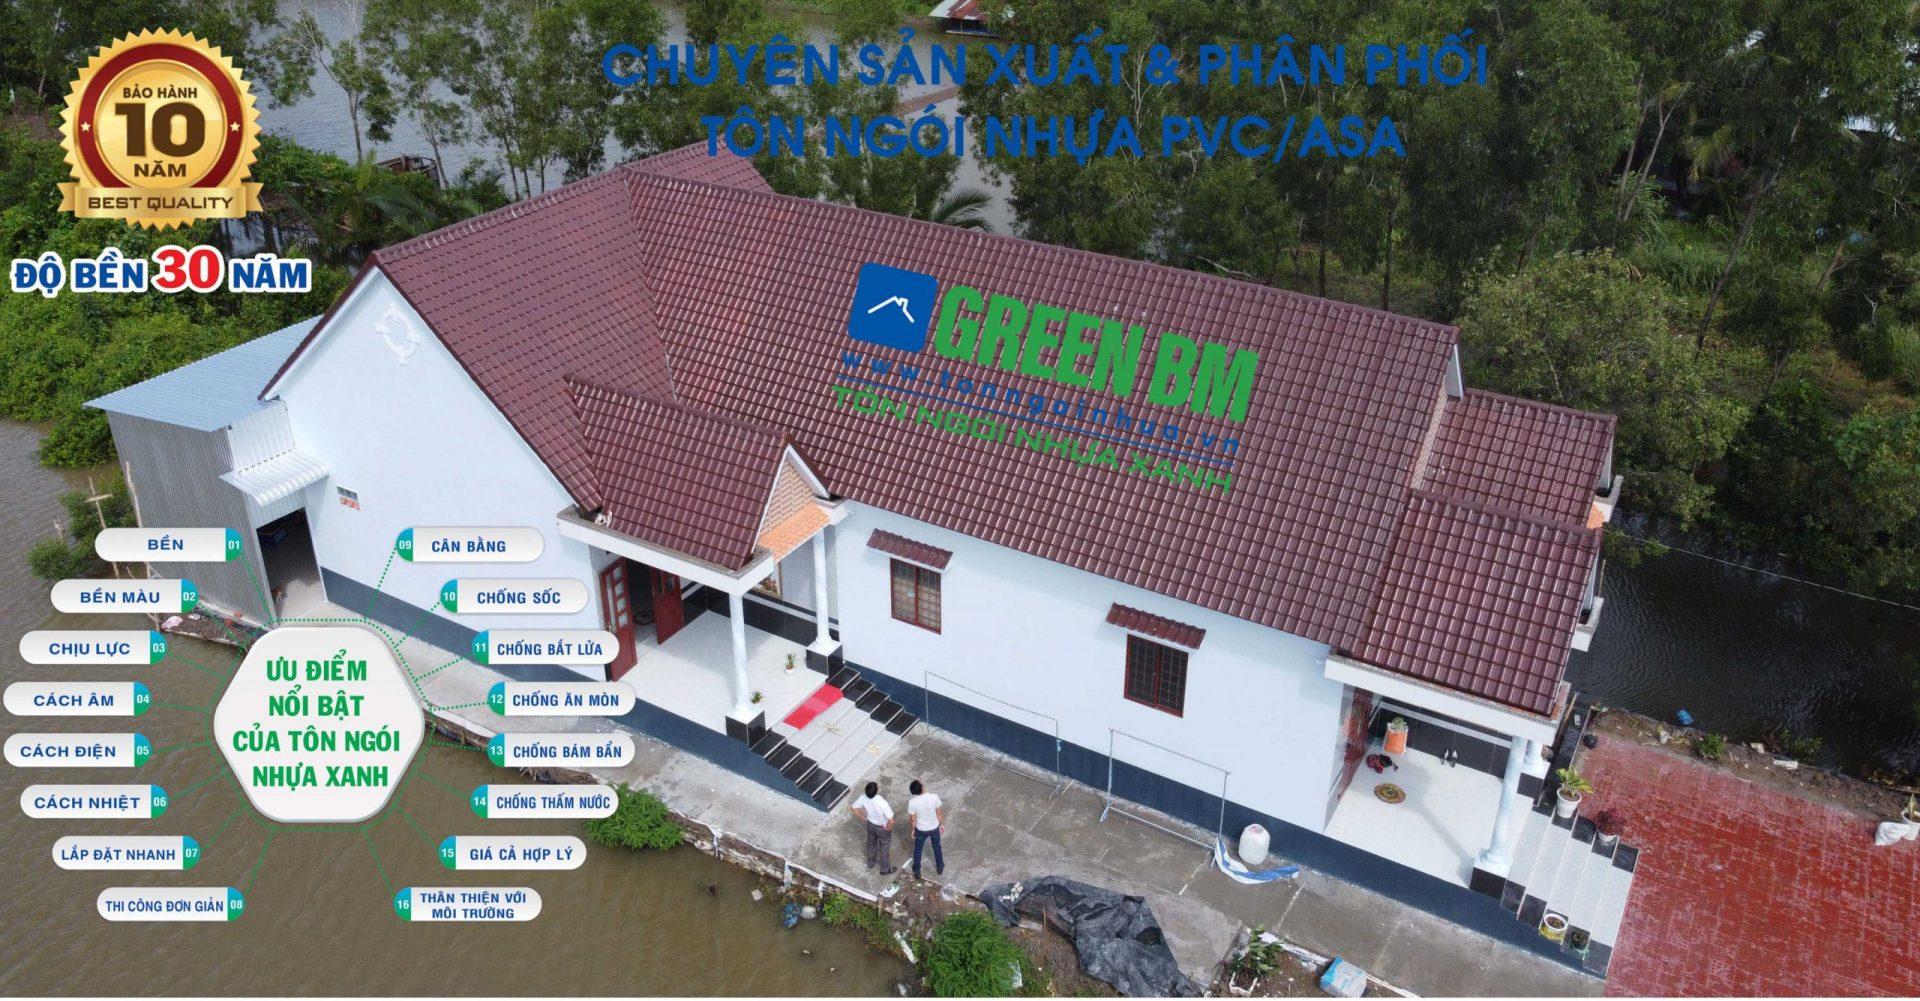 Tư vấn và hướng dẫn của tôn ngói nhựa xanh green bm